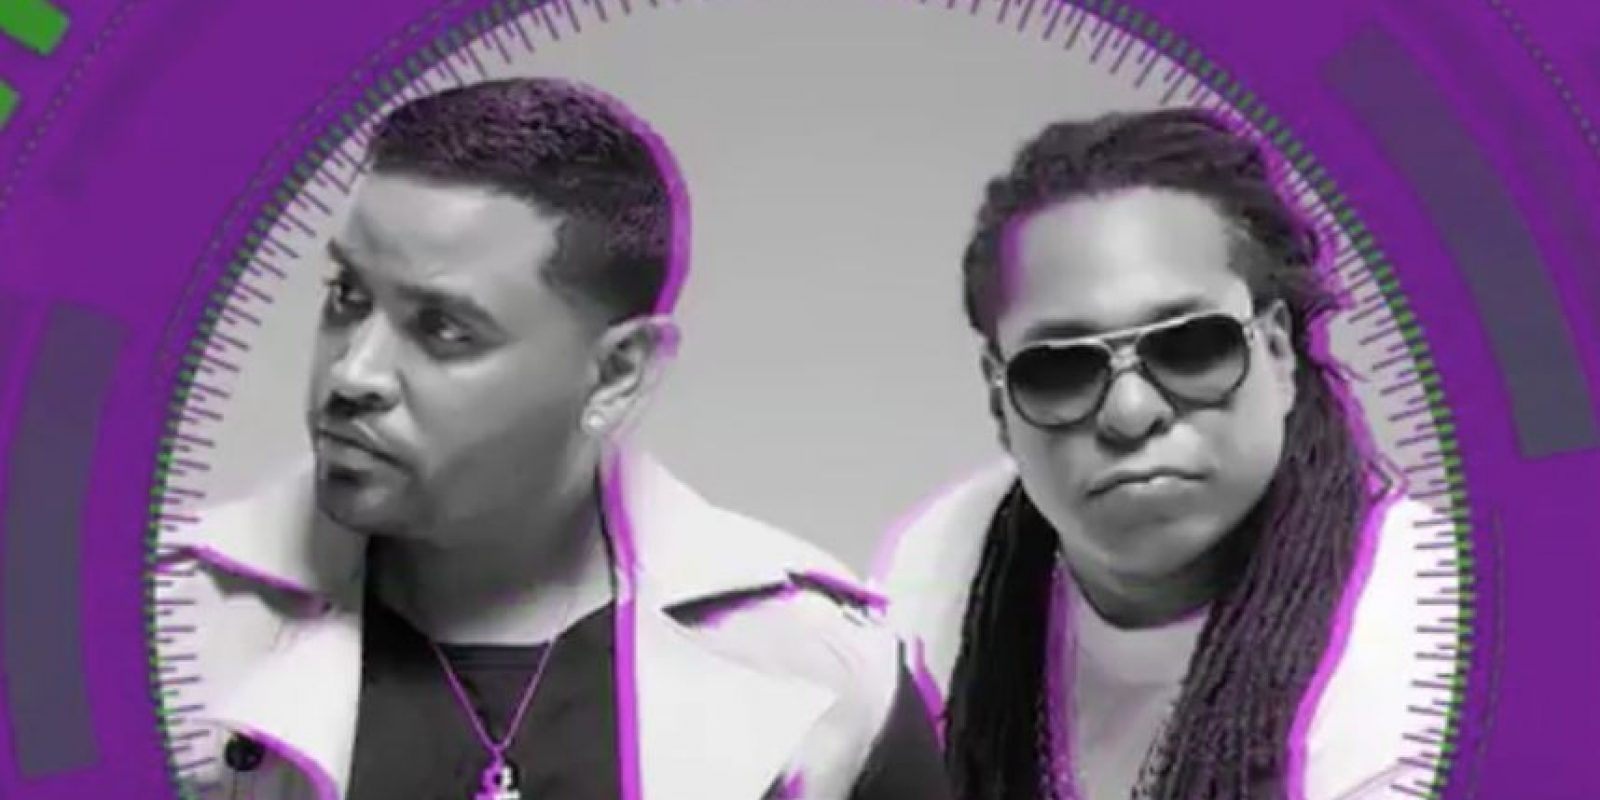 Zion & Lennox Foto:Vía Twitter/Billboard. Imagen Por: